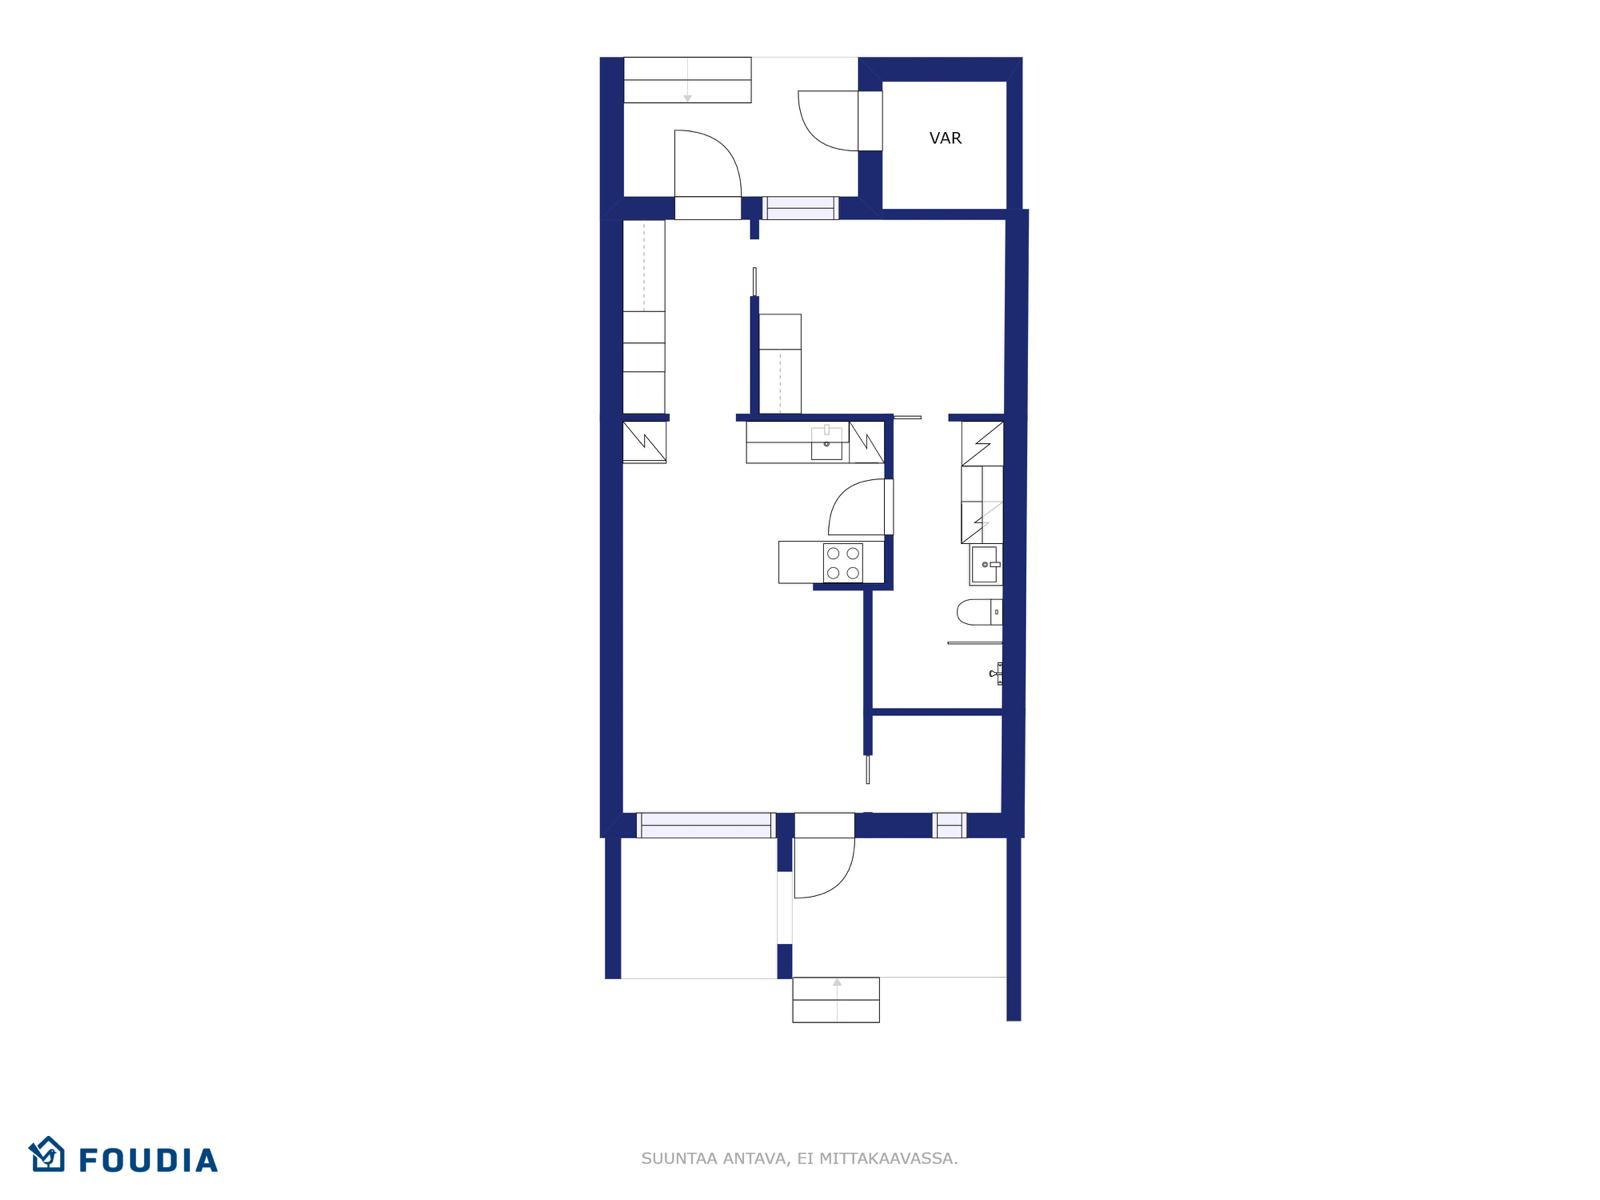 Rakennus P. Lehmonen Oy - Salosenmutka, As. b2